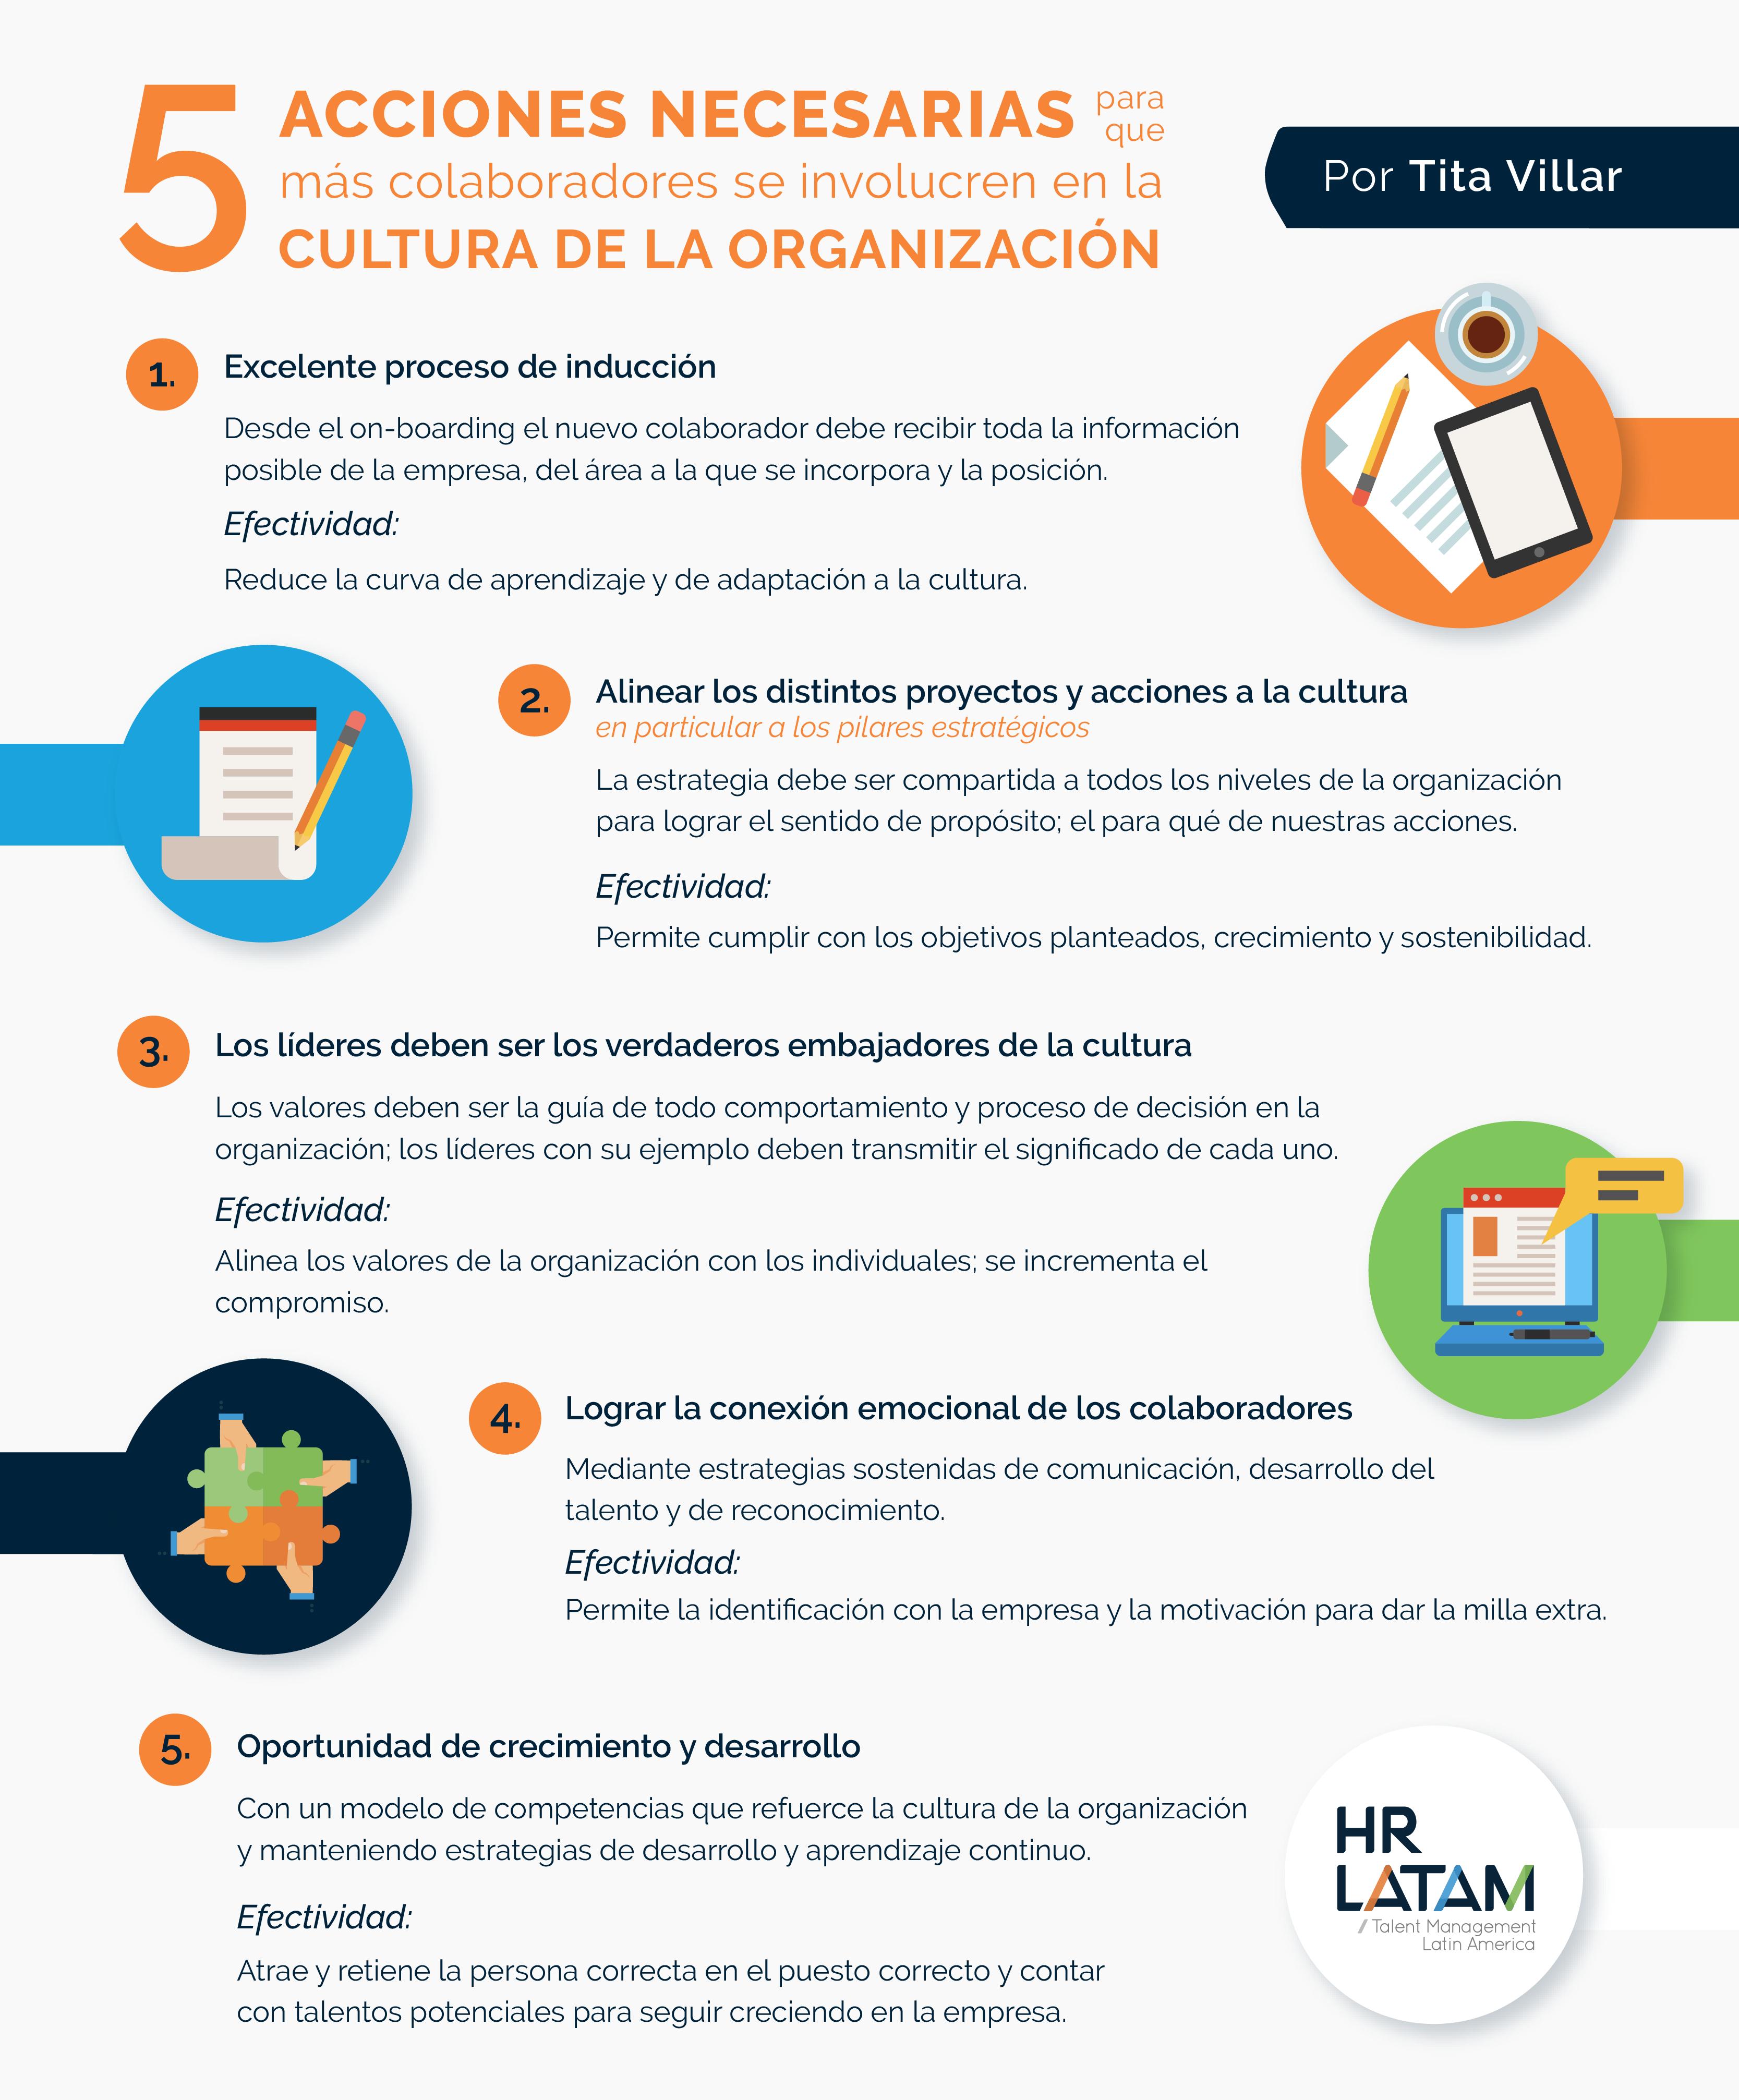 Acciones necesarias para que más colaboradores se involucren en la cultura organizacional